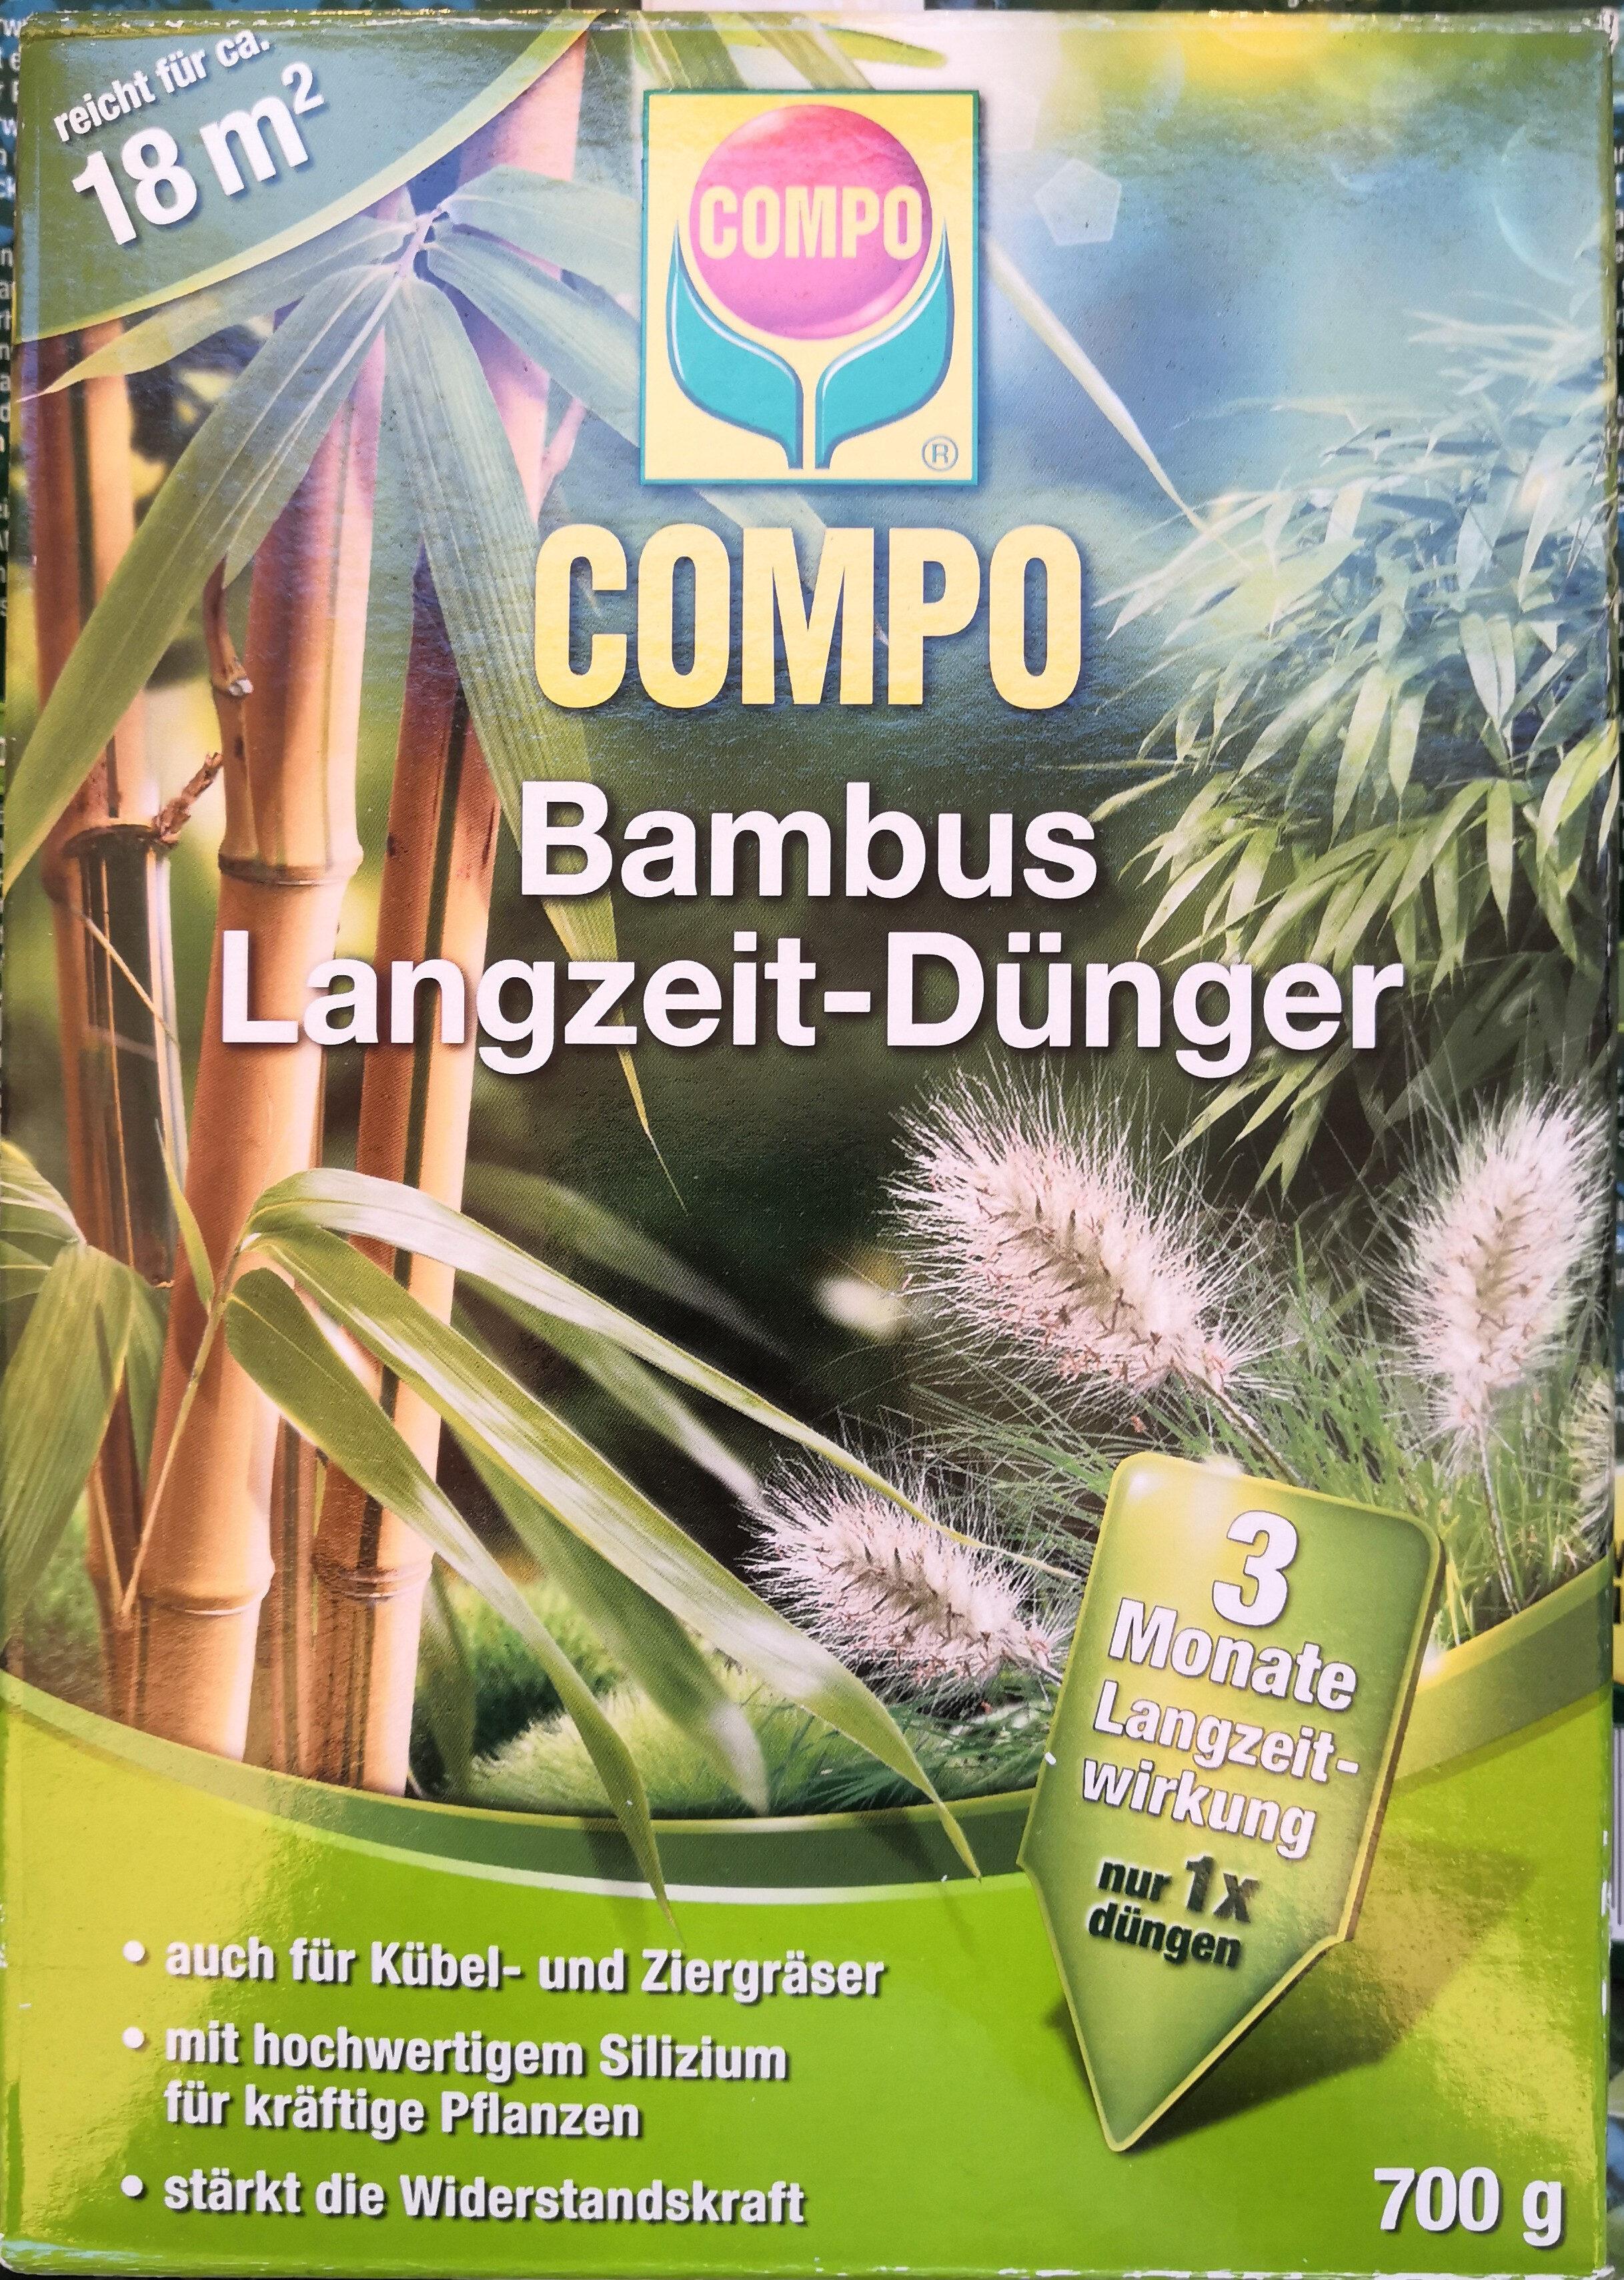 Compo Bambus Langzeit-Dünger - Product - de